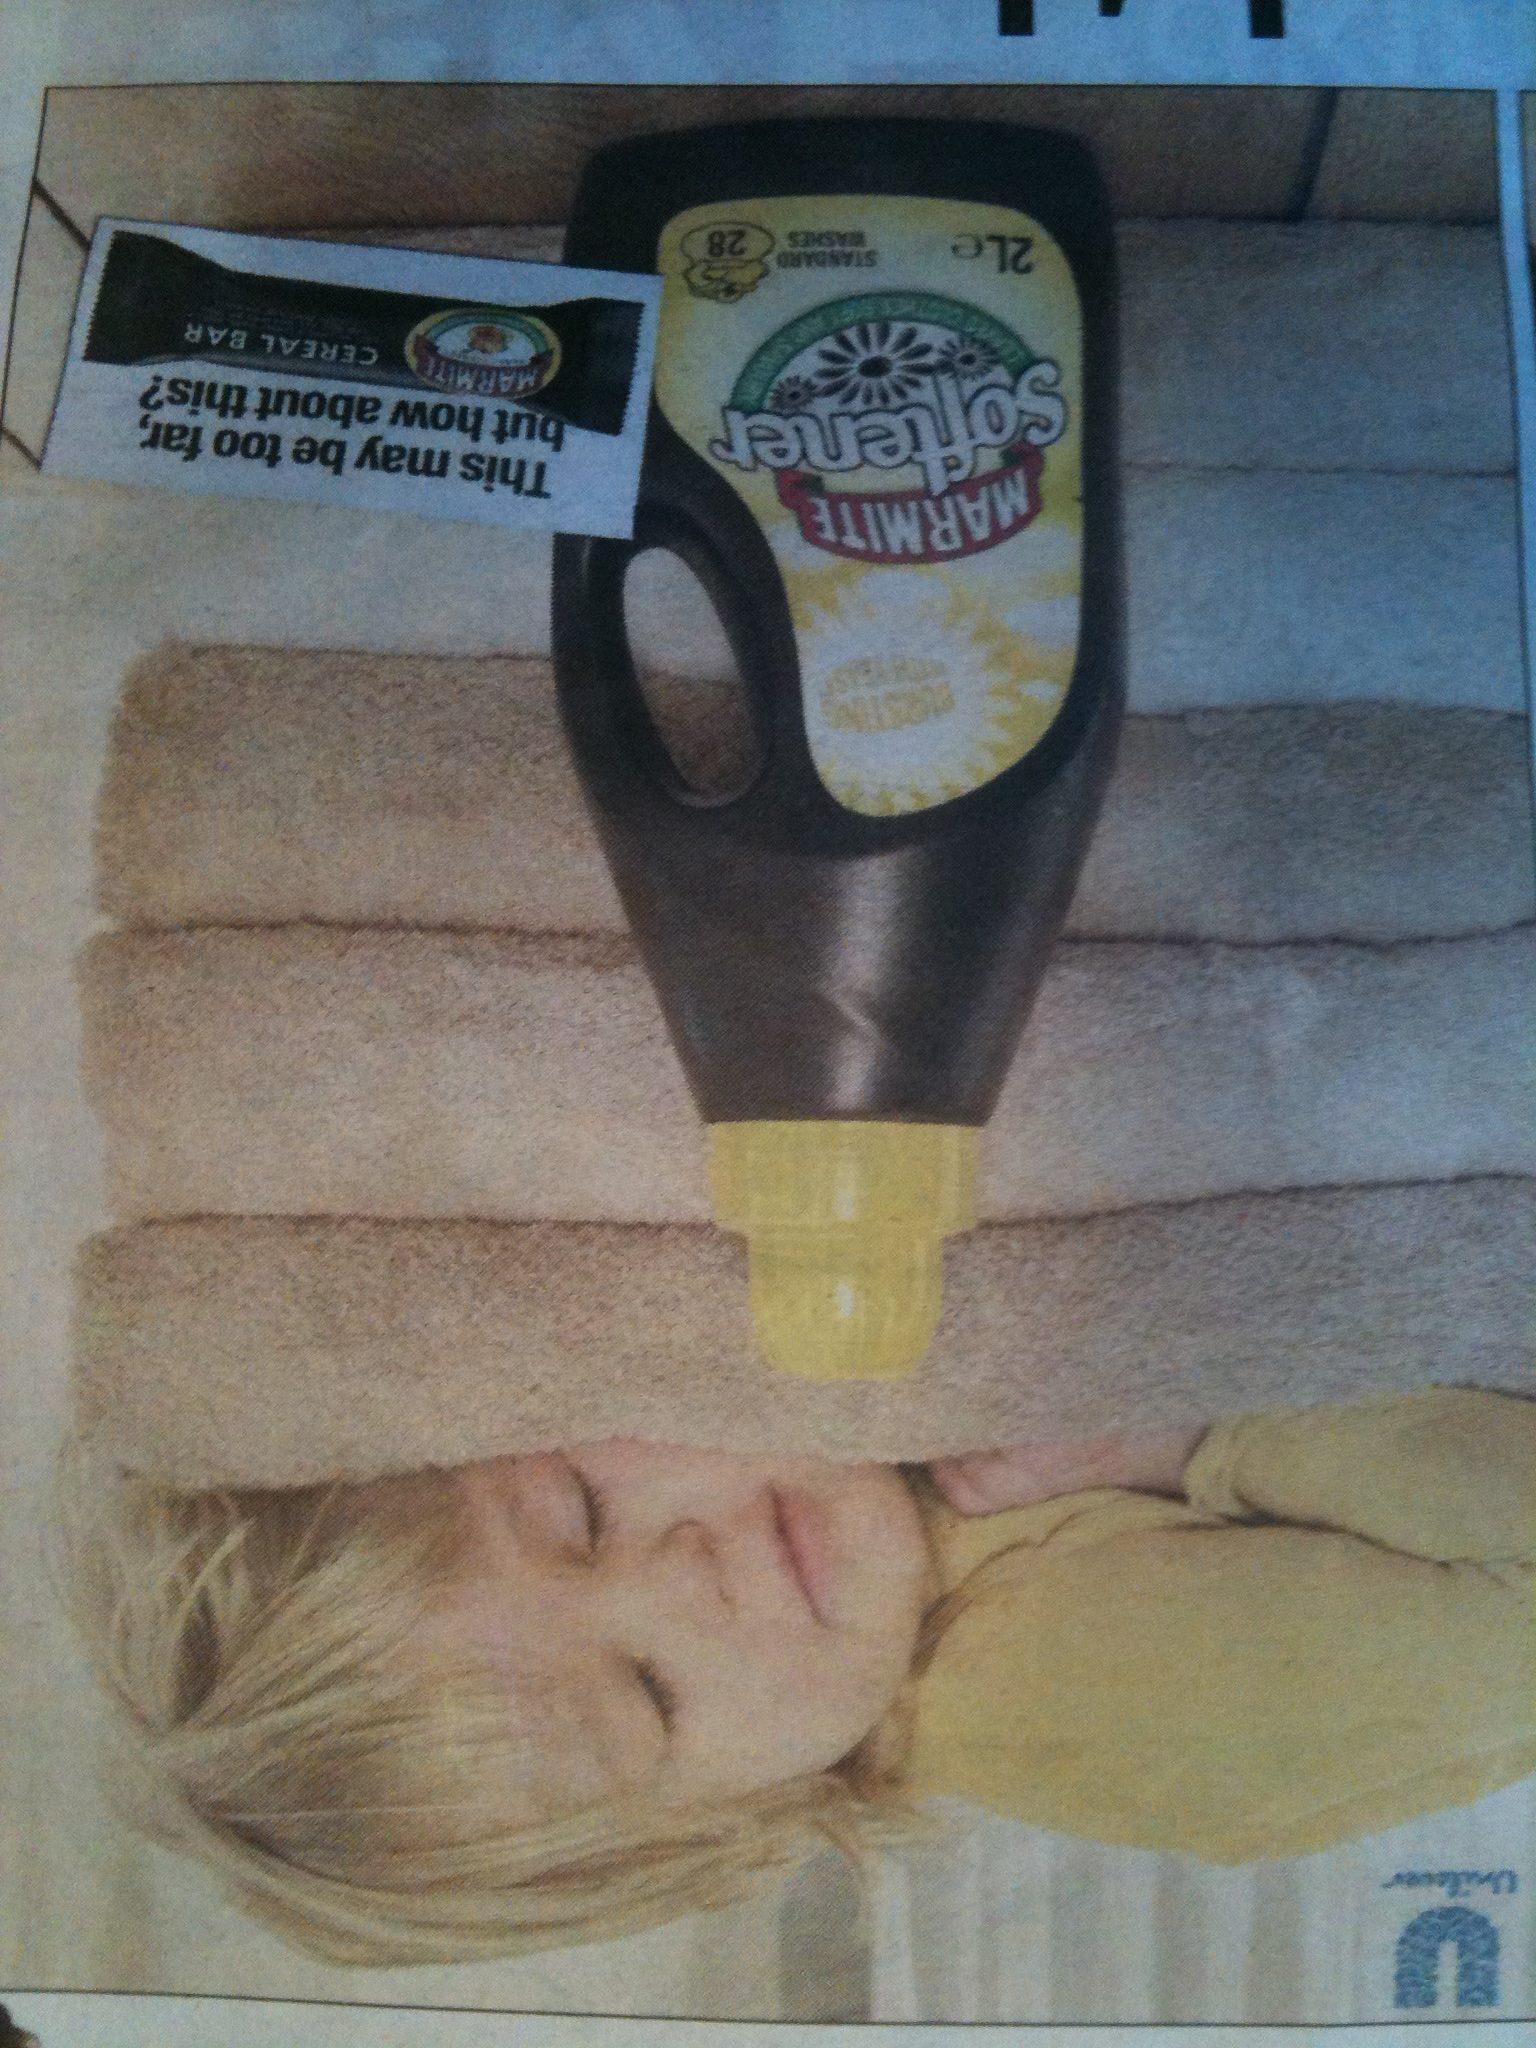 Marmite Detergent